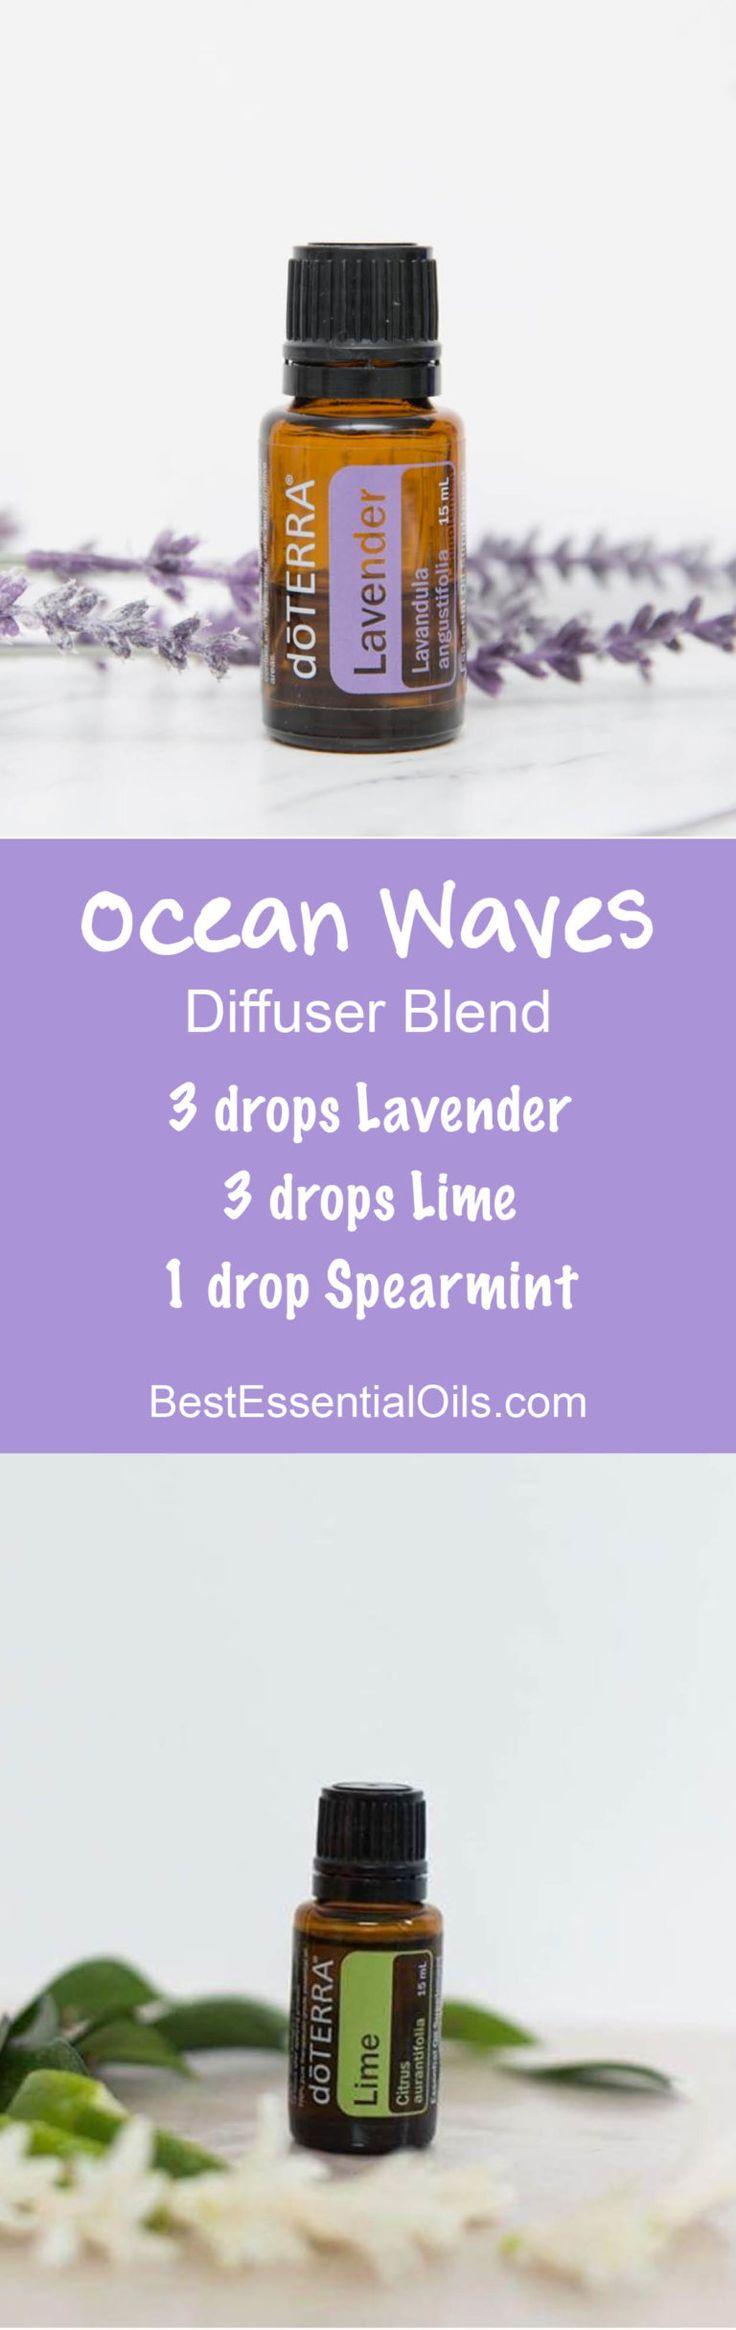 Ocean Waves doTERRA Diffuser Blend